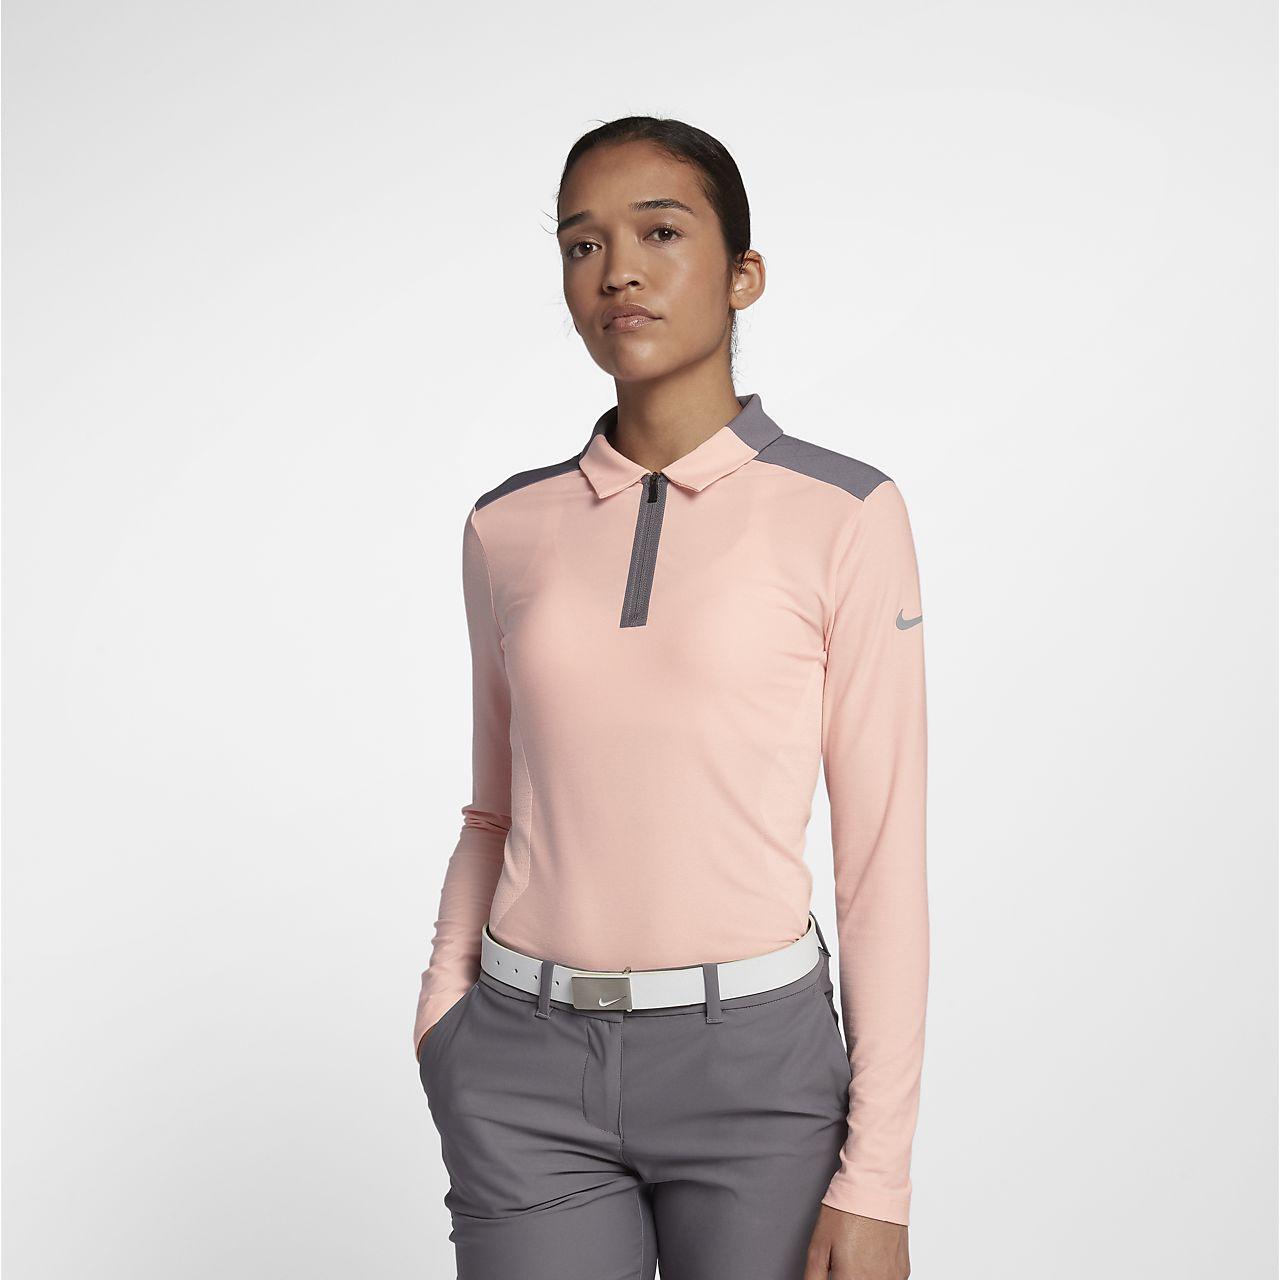 Женская рубашка-поло с длинным рукавом для гольфа Nike Zonal Cooling